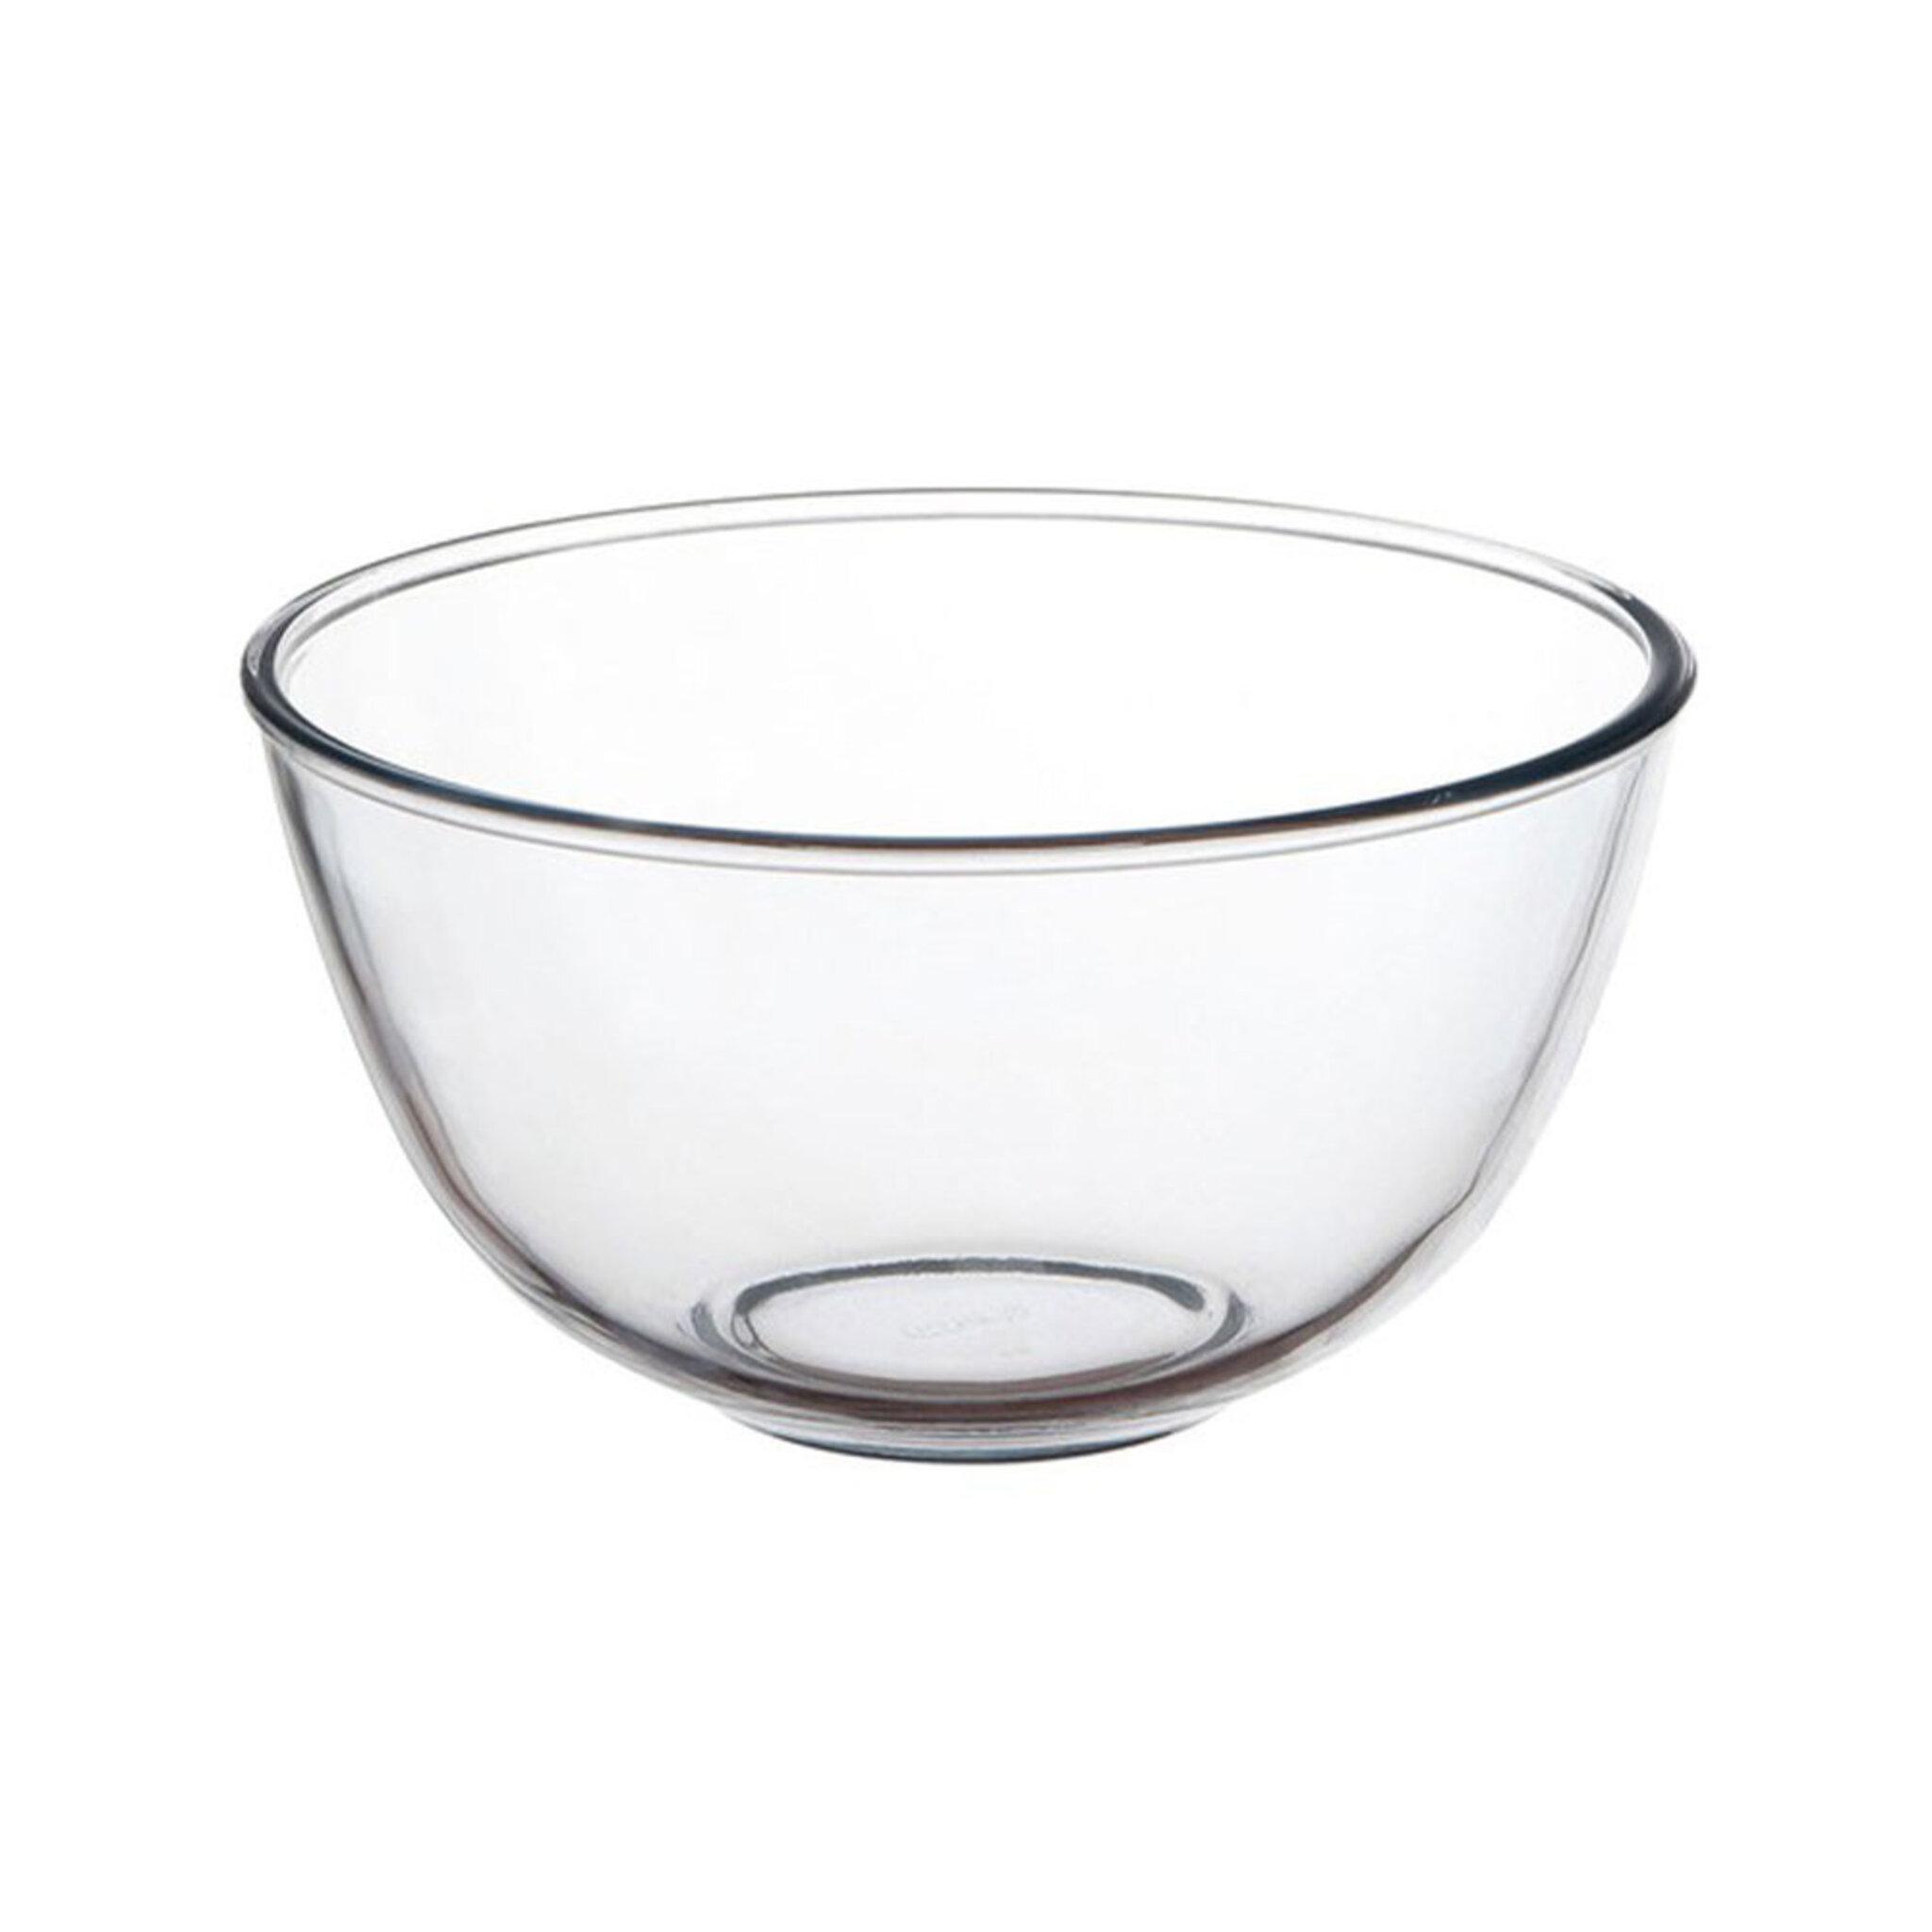 Bakskål – Mixing Bowl 2 L